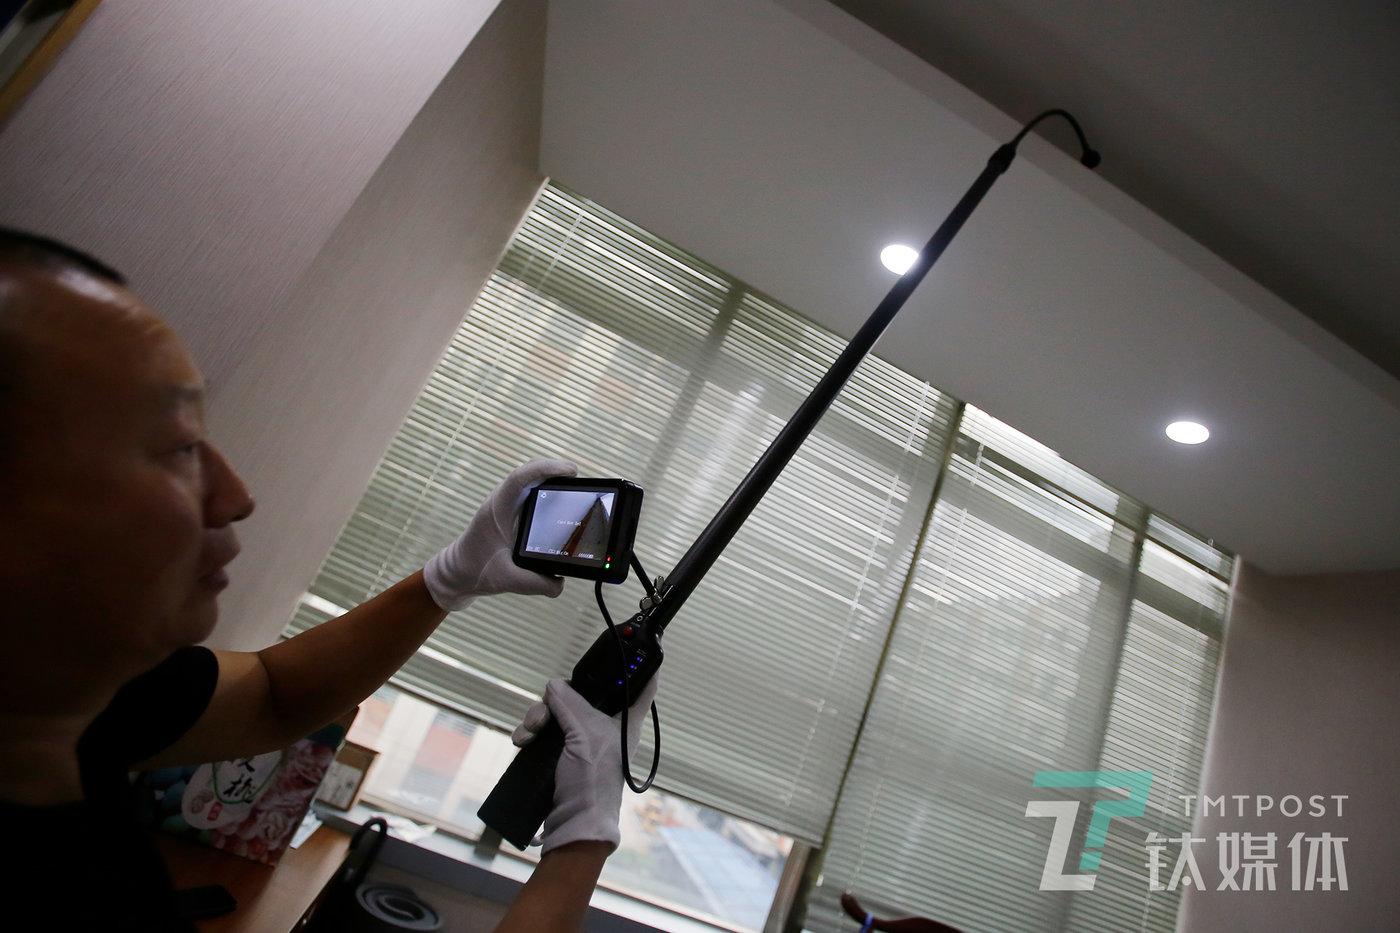 长杆用来探测天花板,它的顶端有一个可以实时操控转向的摄像头,还带有近距离检测无线电波的功能。